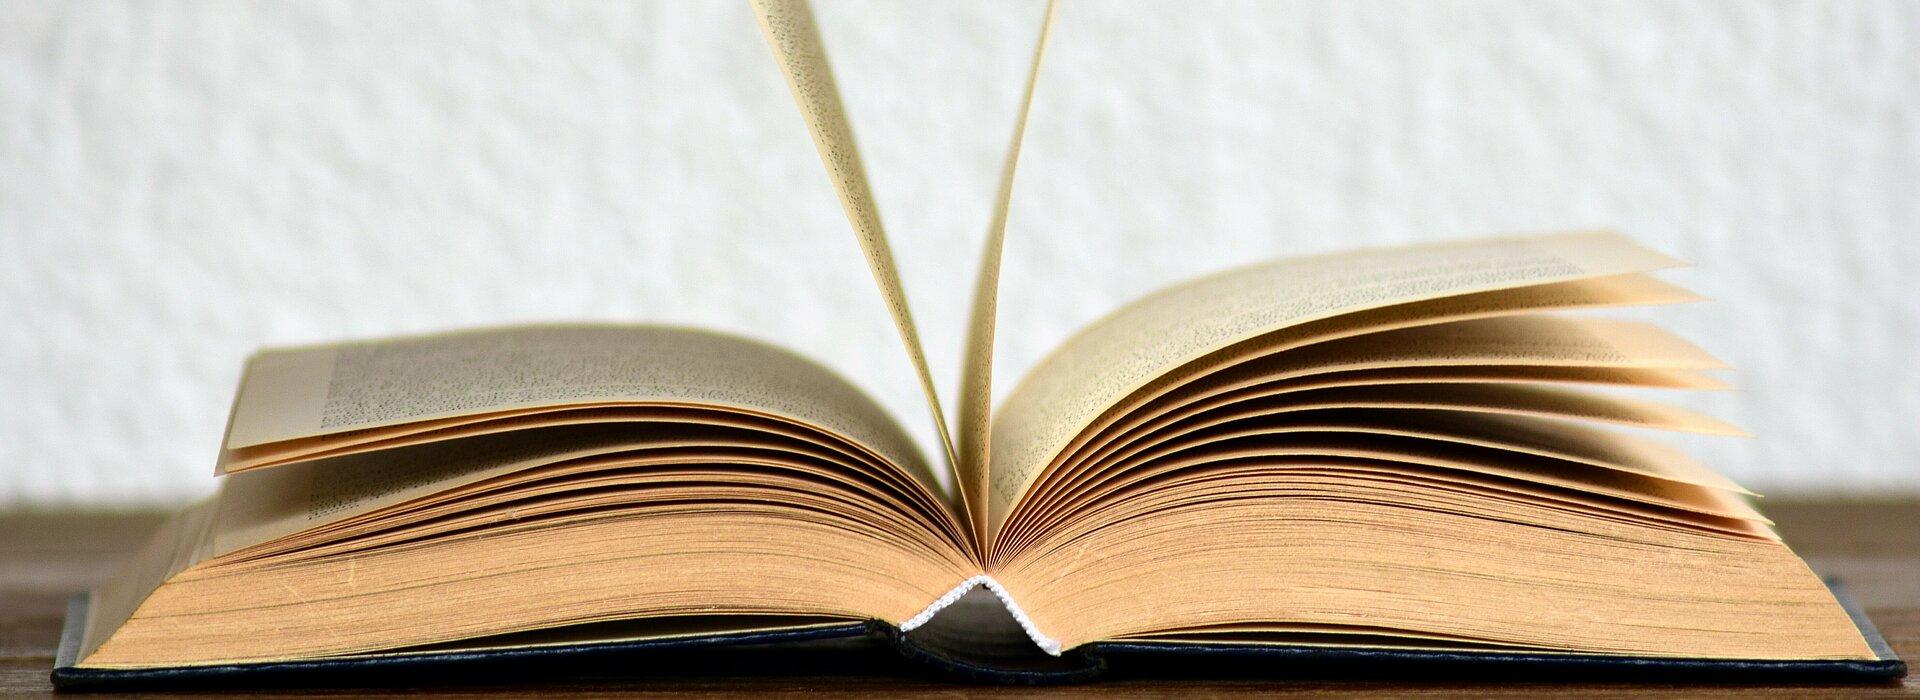 Imagem contém um livro aberto